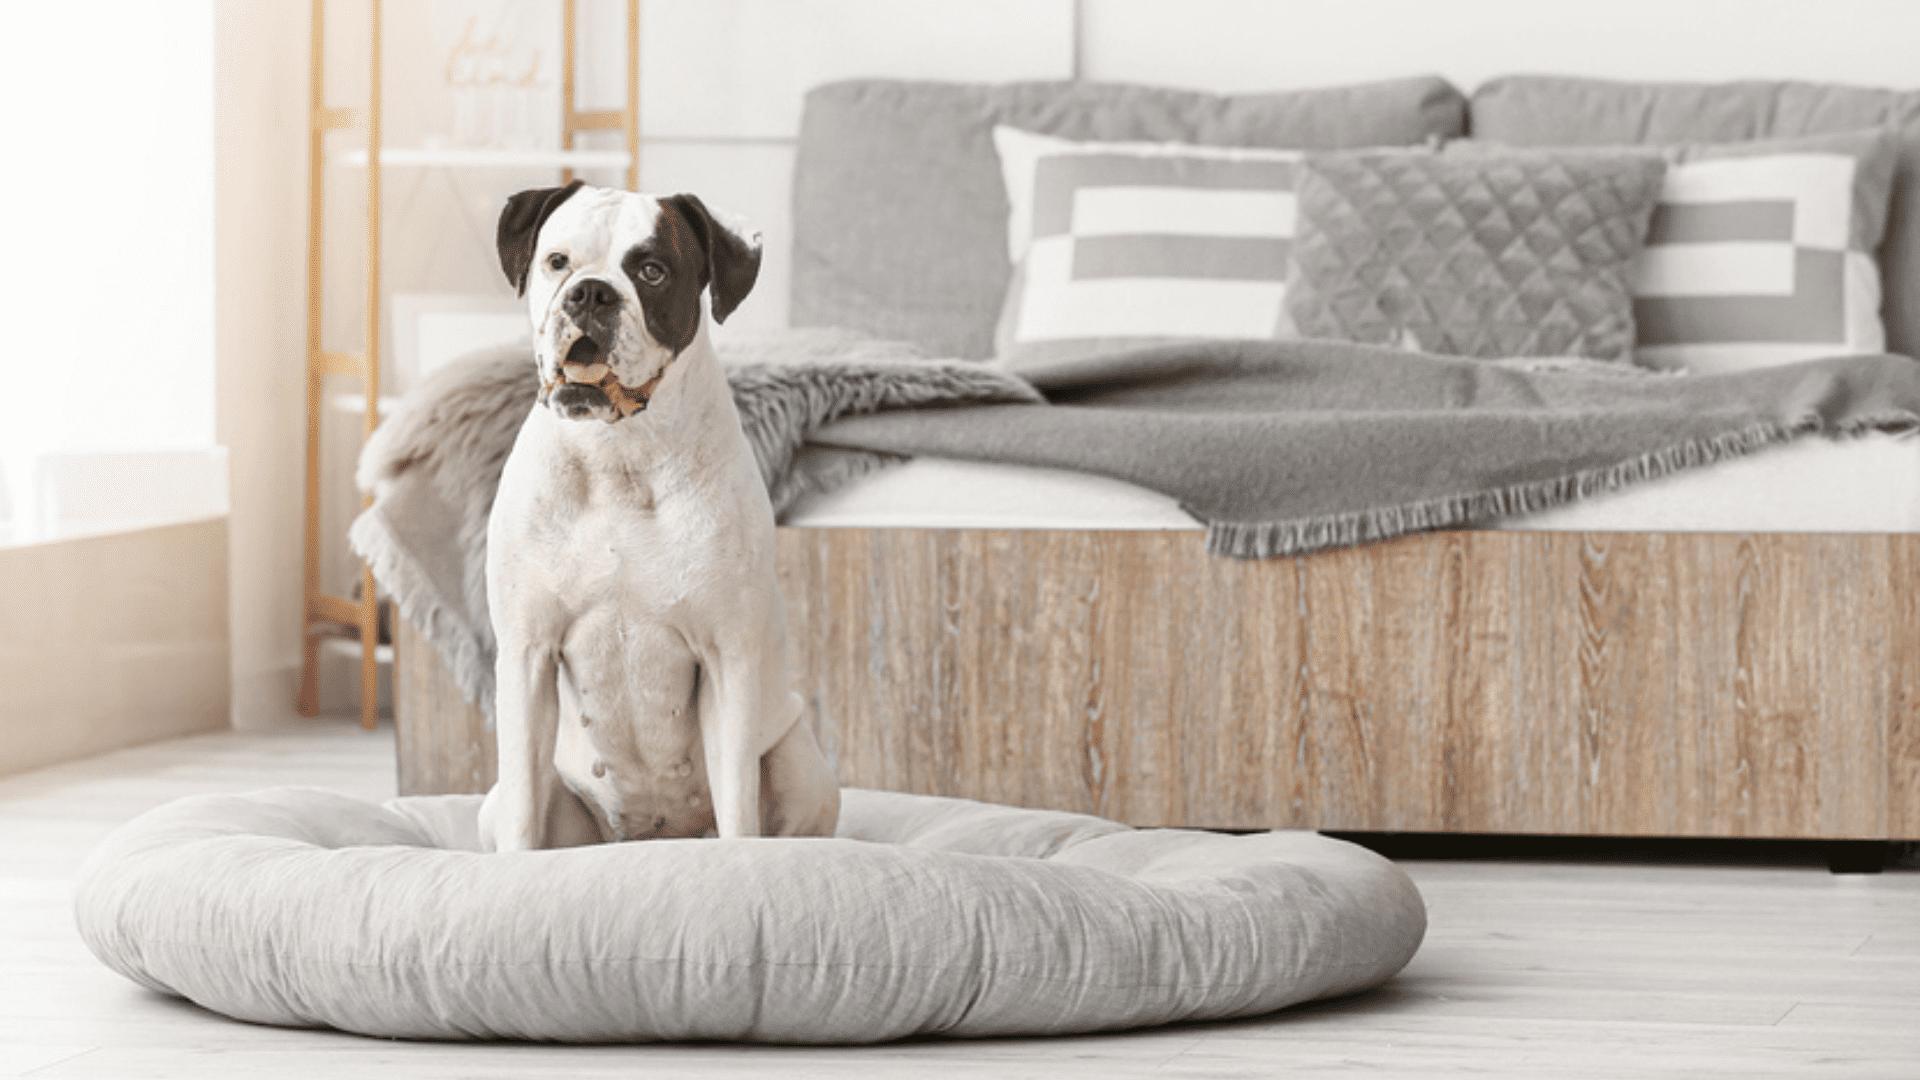 A cama almofadão ou colchão é indicada pra cachorros de todos os portes (Reprodução/Shutterstock)